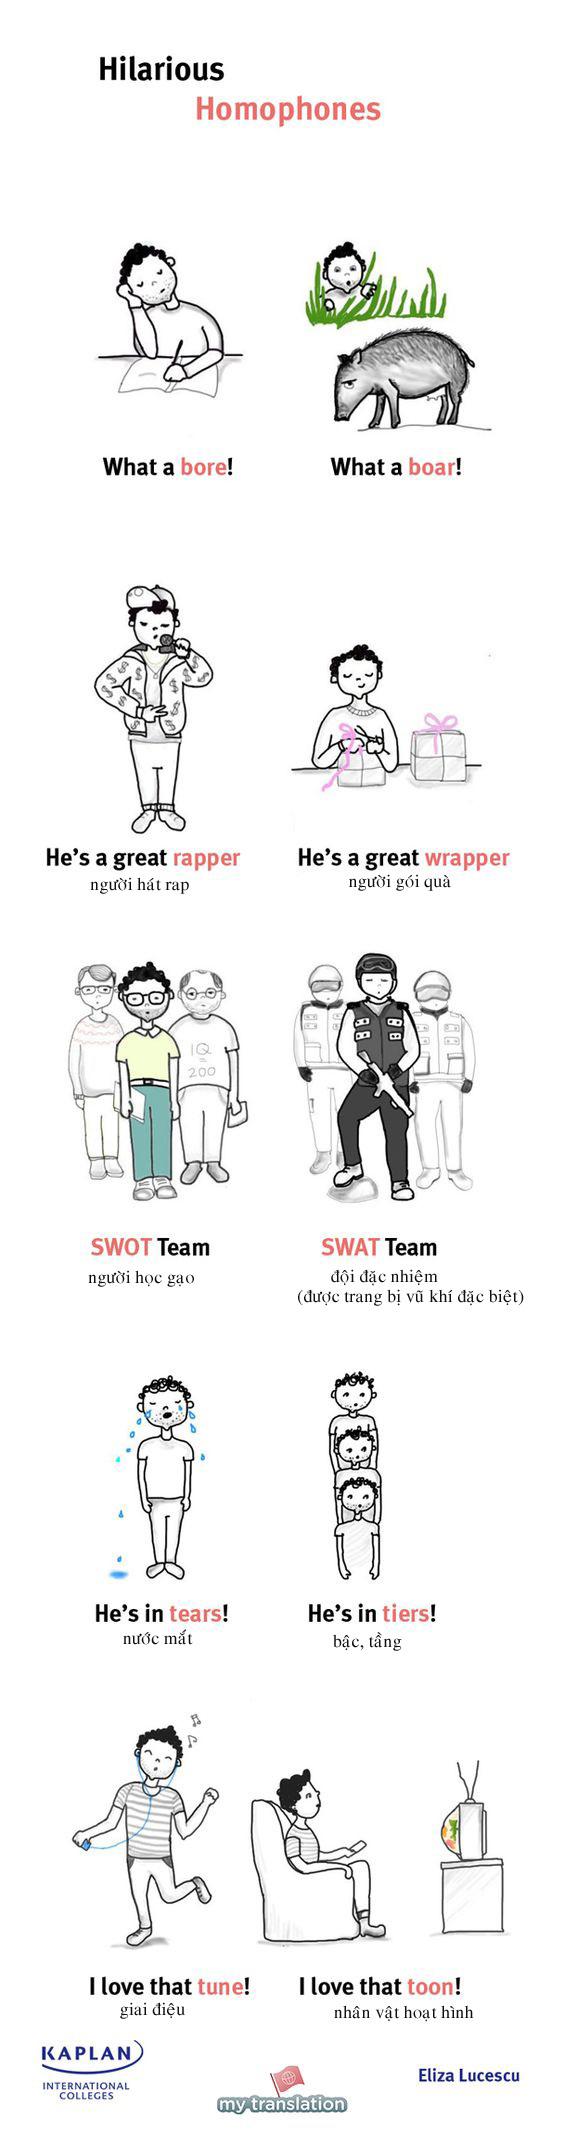 http://imgs.vietnamnet.vn/Images/2017/09/23/09/20170923094011-dongnghia.jpg